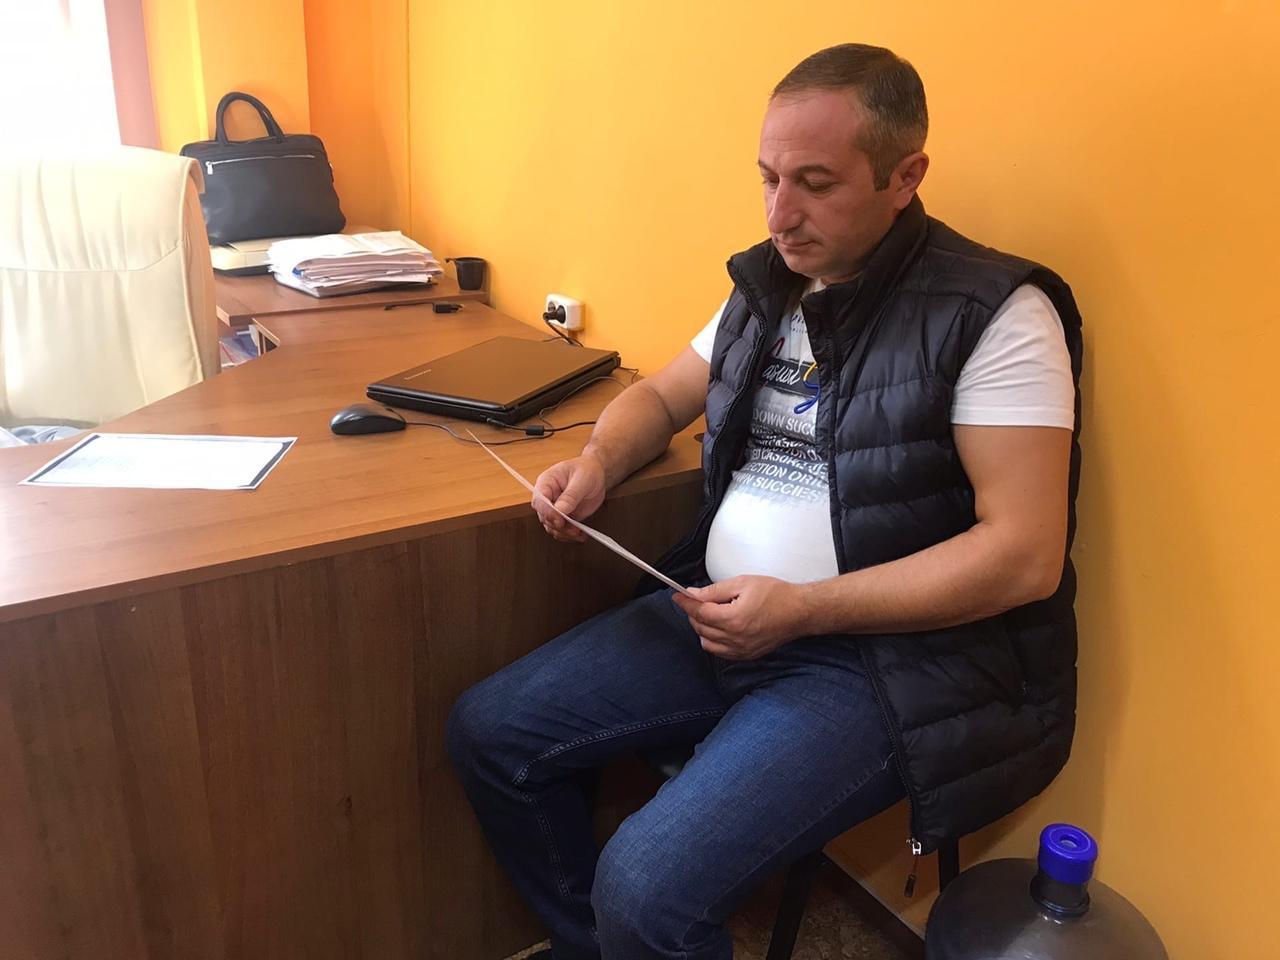 Фото «Нас обещали посадить на 10 лет как разбойников»: свидетели по делу друзей Векила Абдуллаева заявили о давлении со стороны силовиков в Новосибирске 2